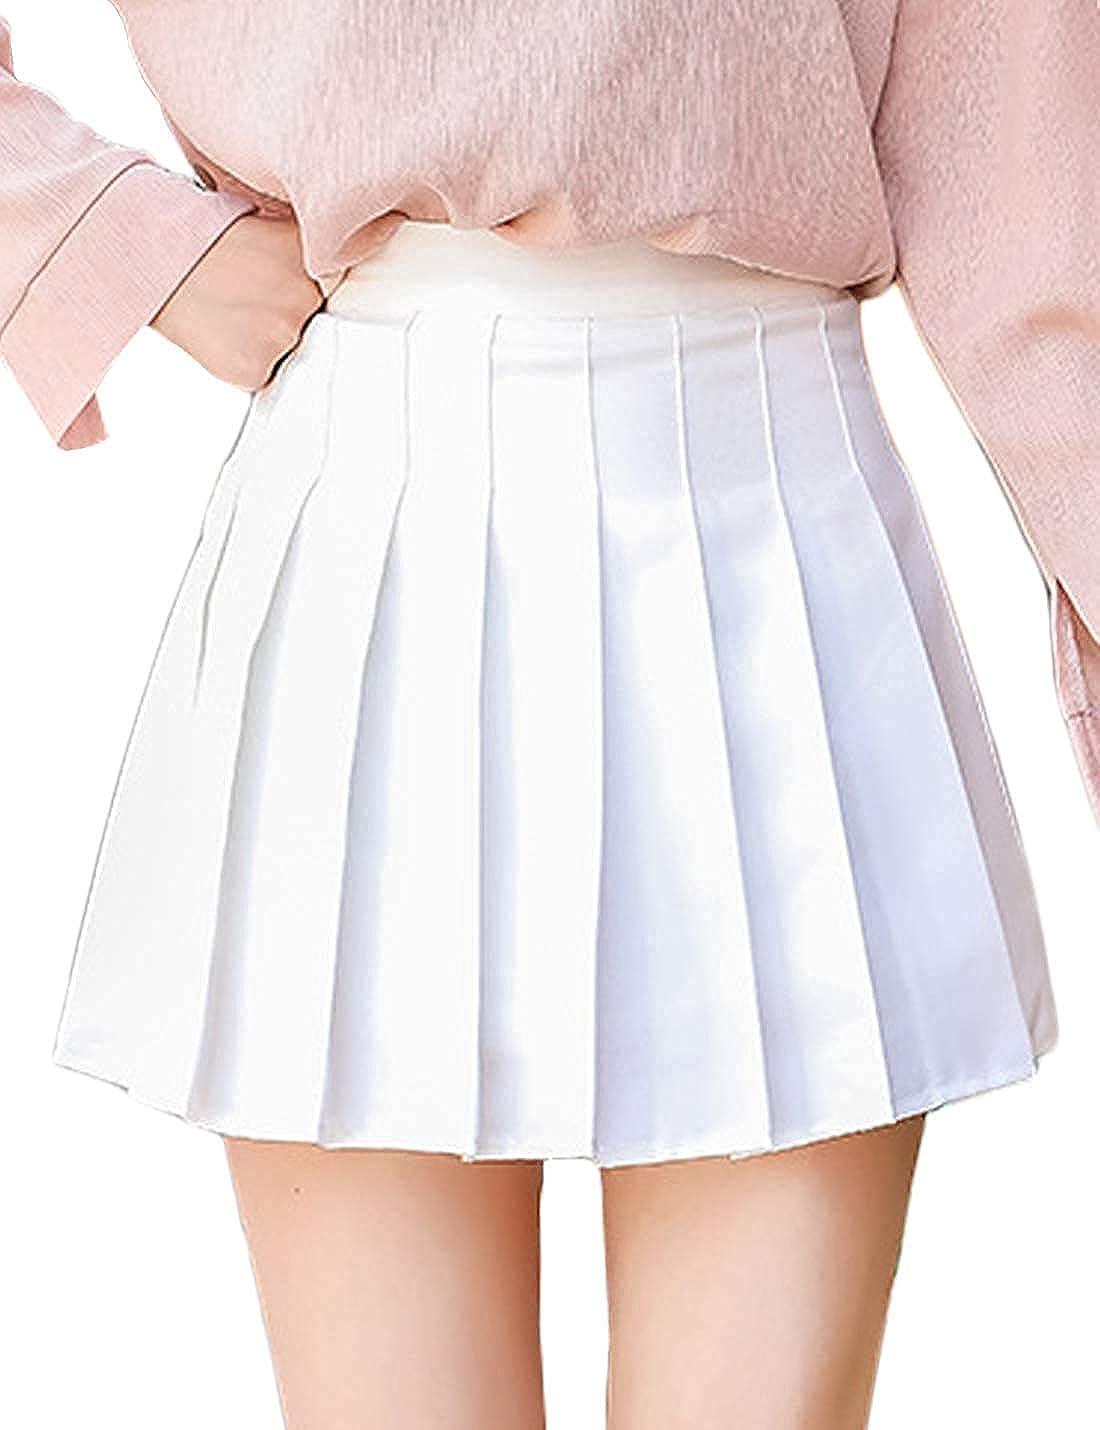 Lazutom Womens Girls Pleated Dennis Skirt High Waist A-Line School Uniform Skater Skirt